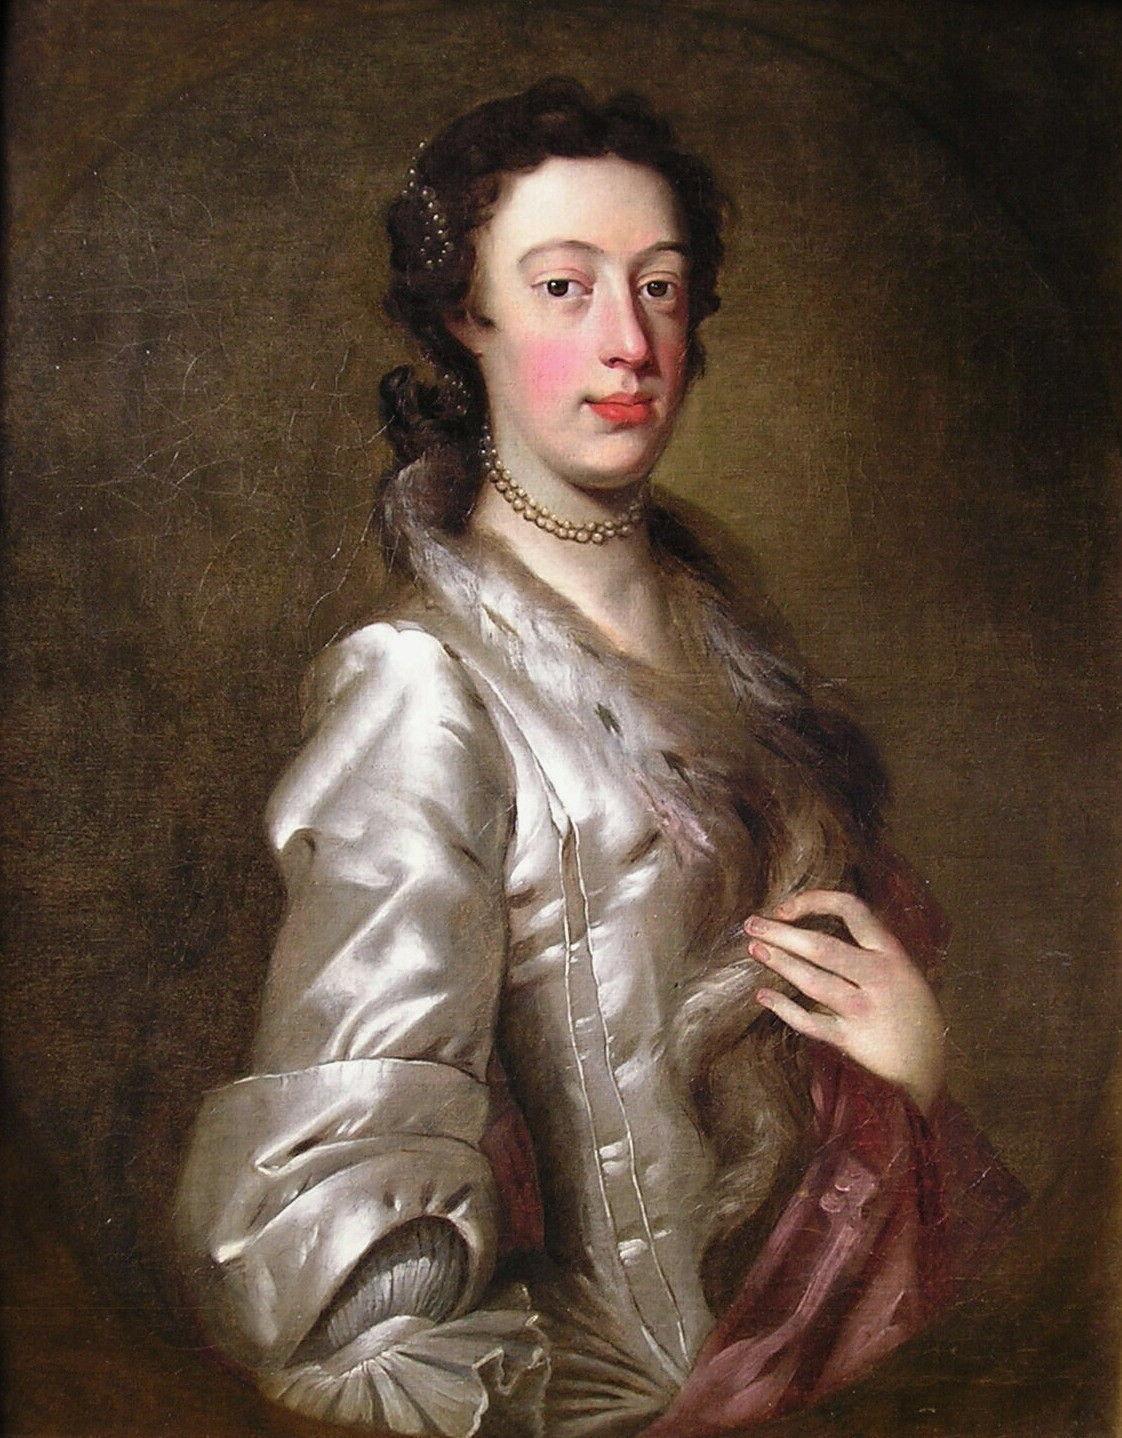 18th century oil portrait of Margaret Peg Woffington by Jeremiah Davison